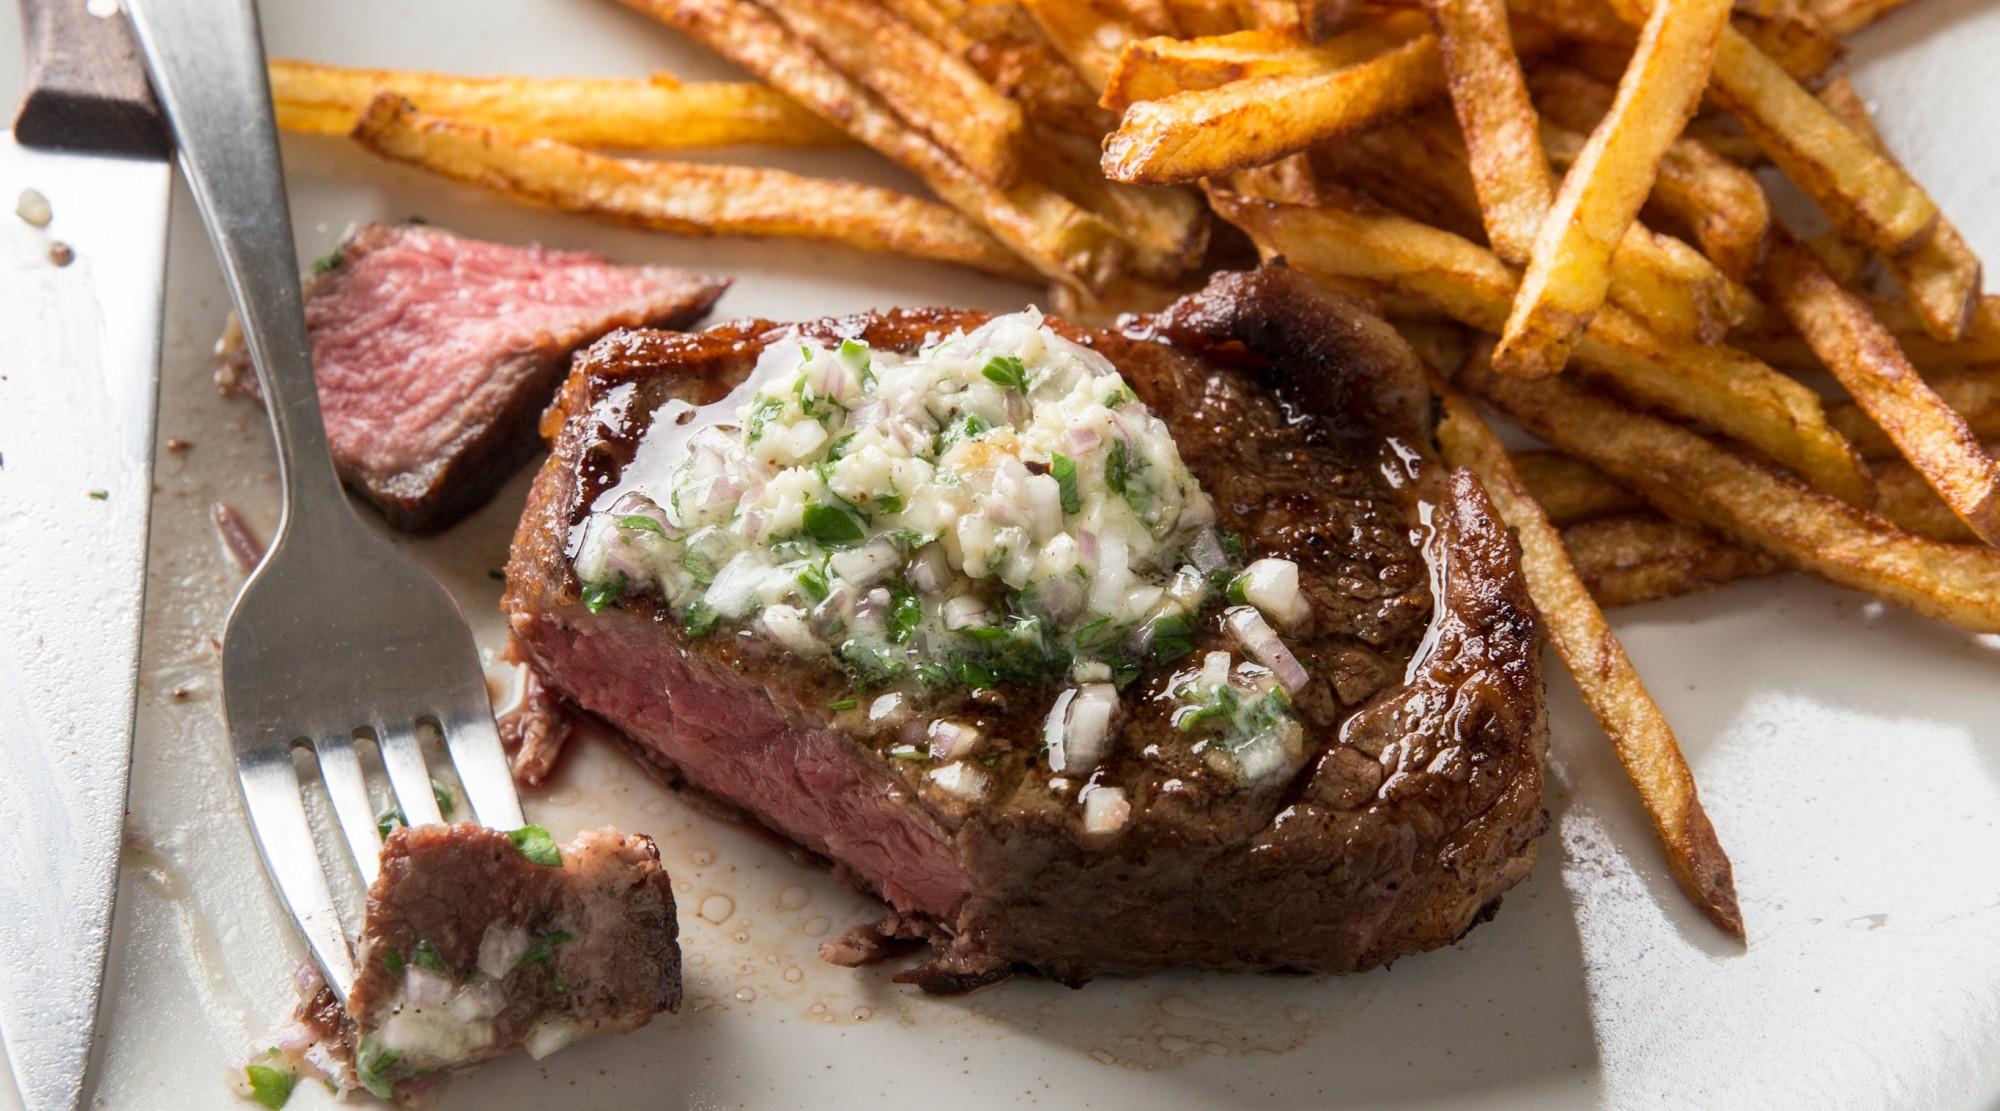 Easy Steak Frites | The Splendid Table